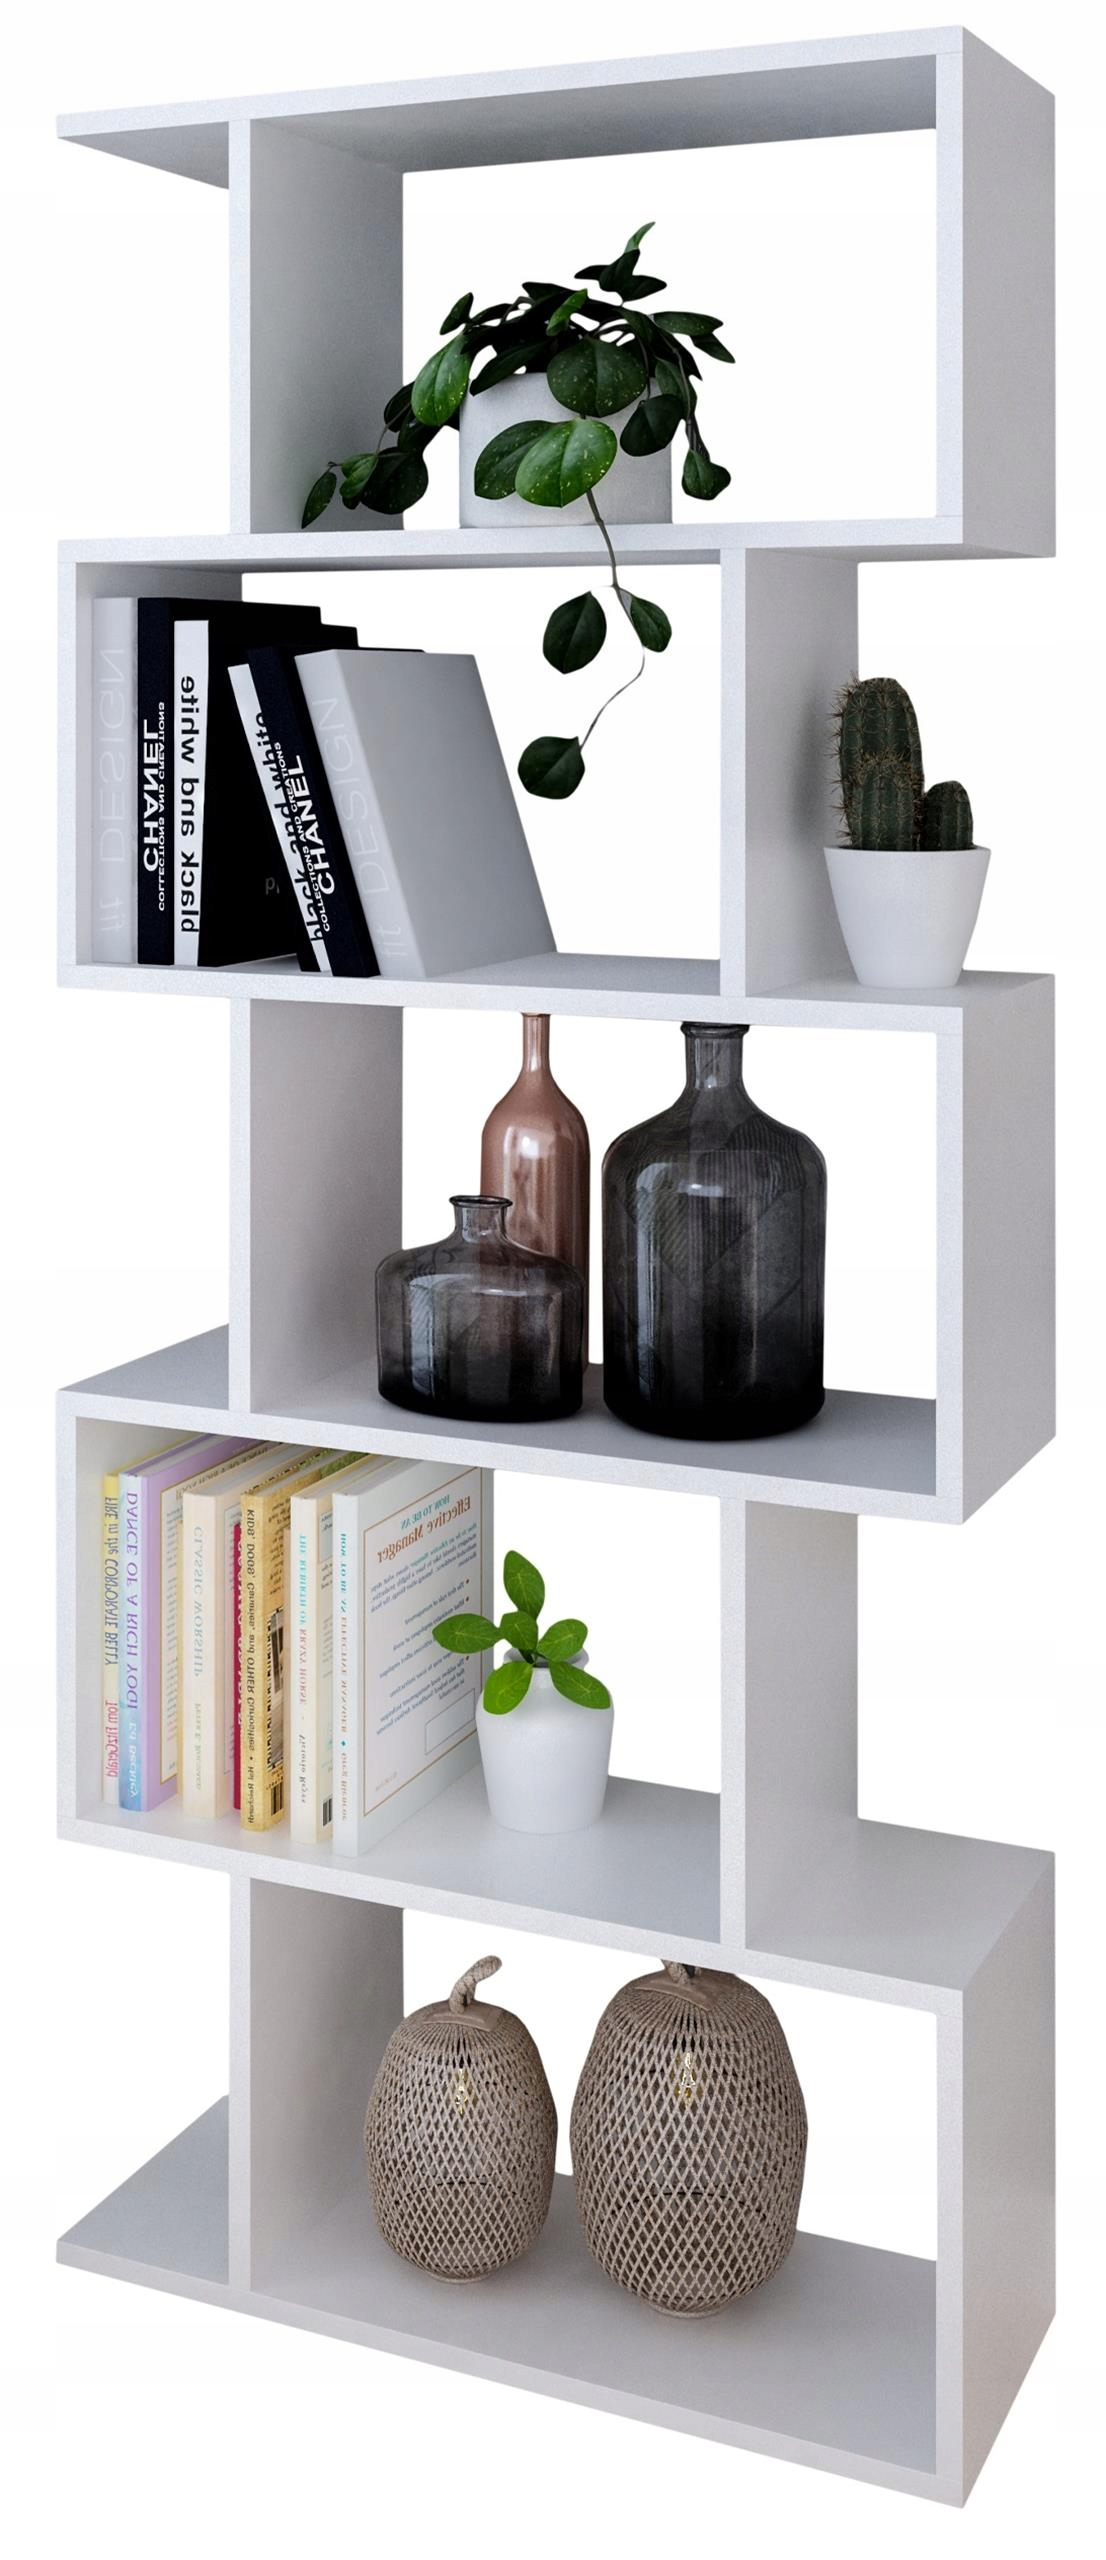 Regał BASK biały otwarty szafka półka na książki